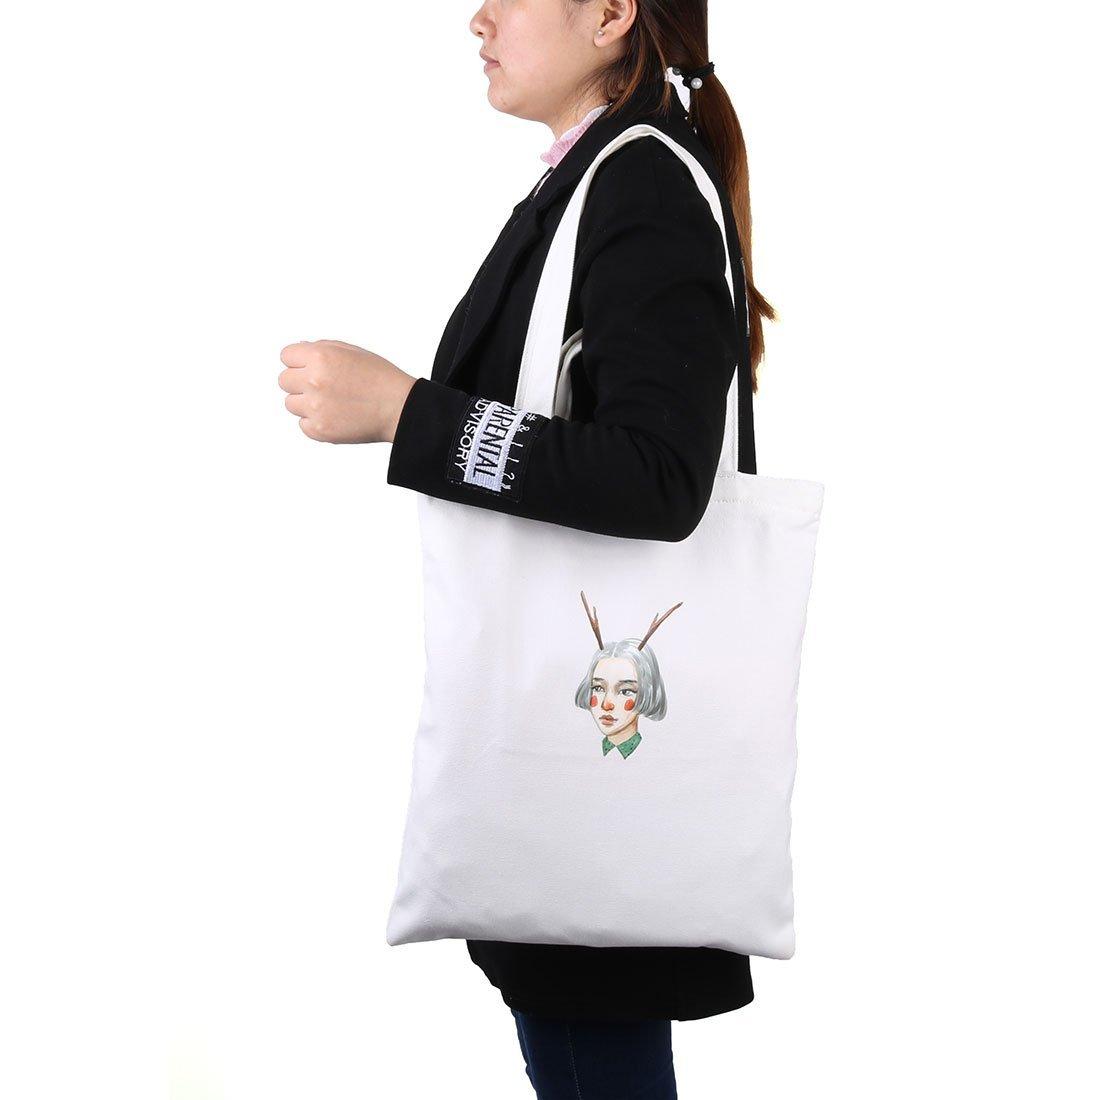 Amazon.com: Patrón eDealMax lona de la muchacha al aire libre Compras lavable hombro libro Mano La bolsa de asas blanca: Kitchen & Dining